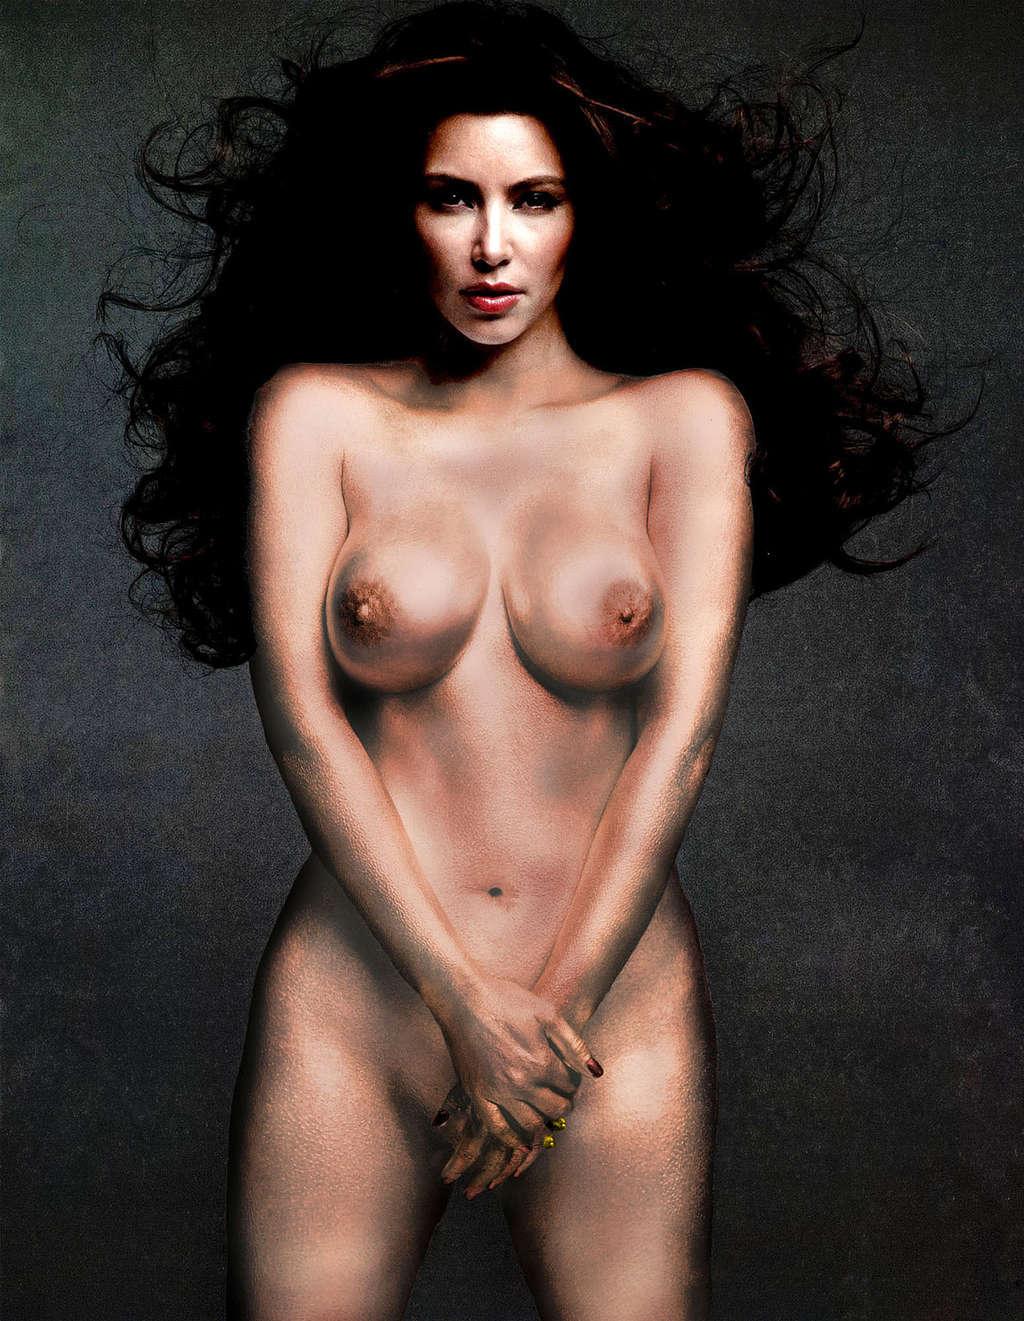 Nude Super Heroines